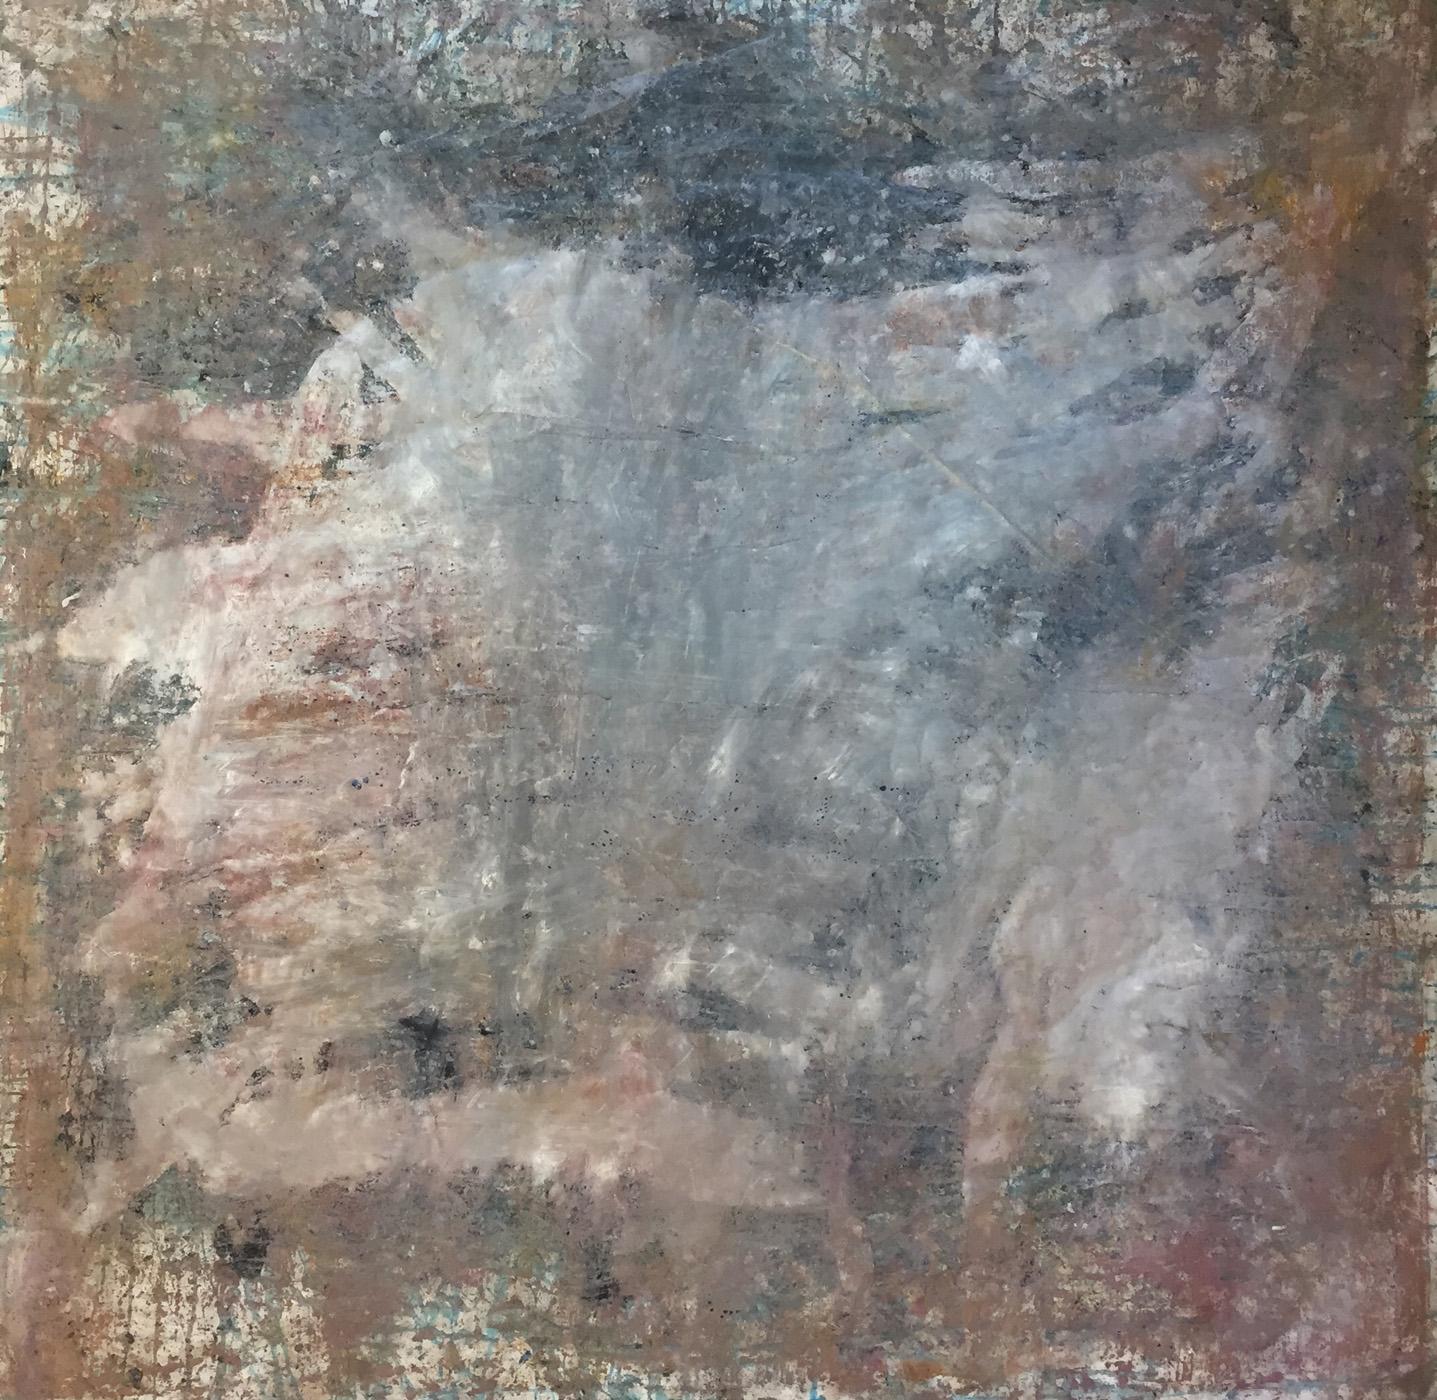 MARC FELD 2020 PRÉSENCE Huile et acrylique sur papier 150 x 150 cm